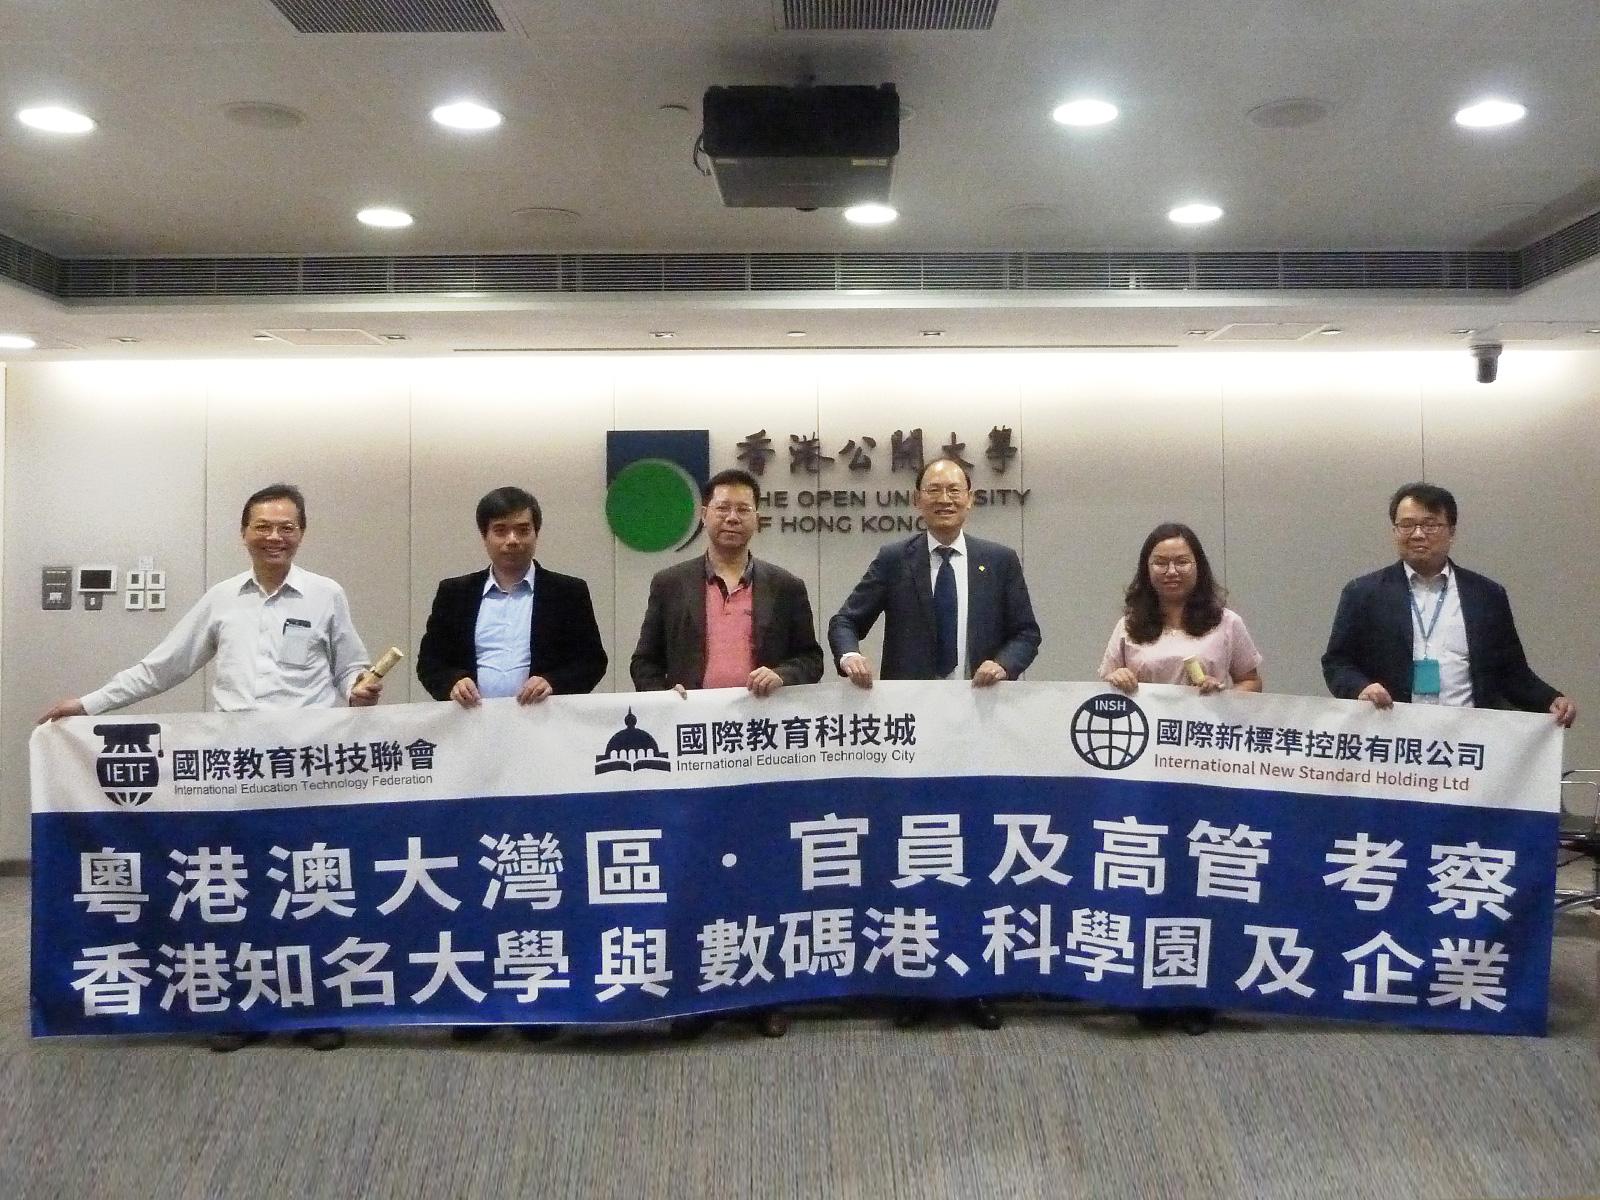 香港公開大學考察